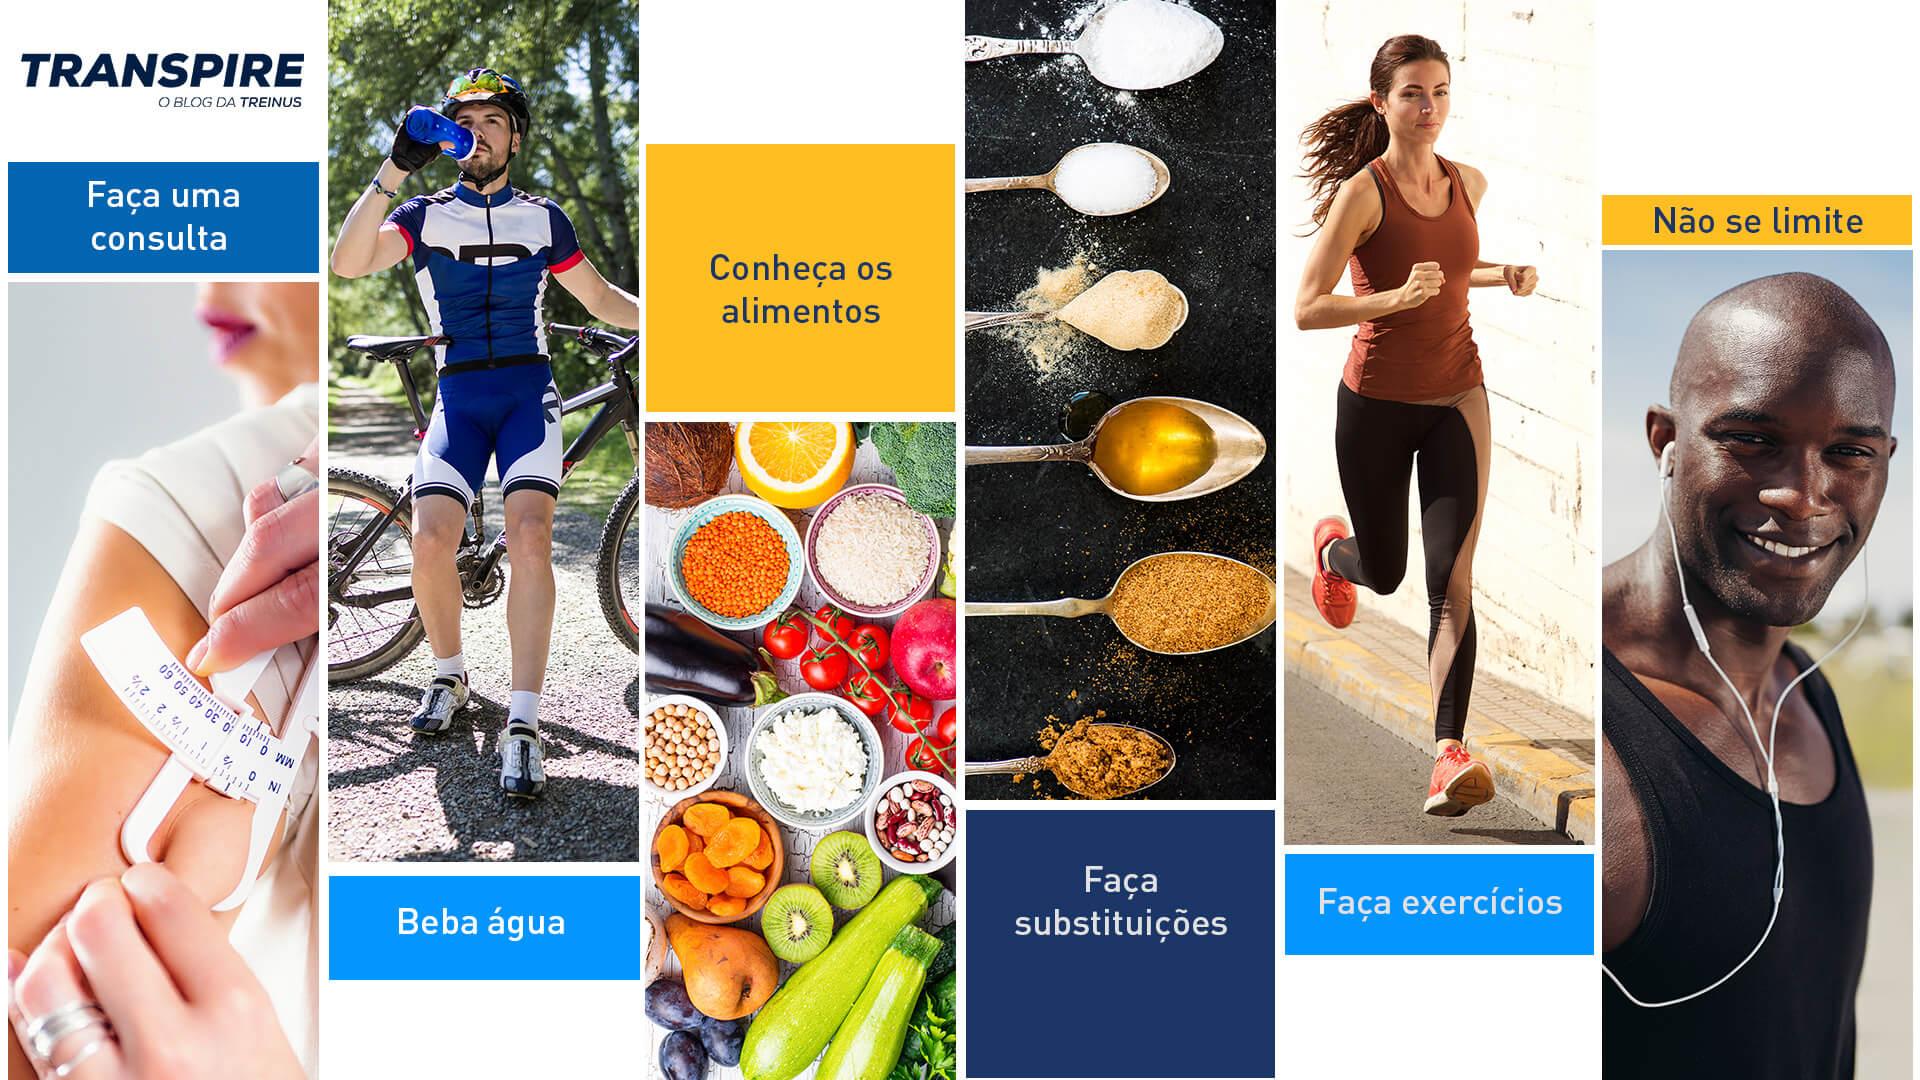 6 dicas de como melhorar a alimentação